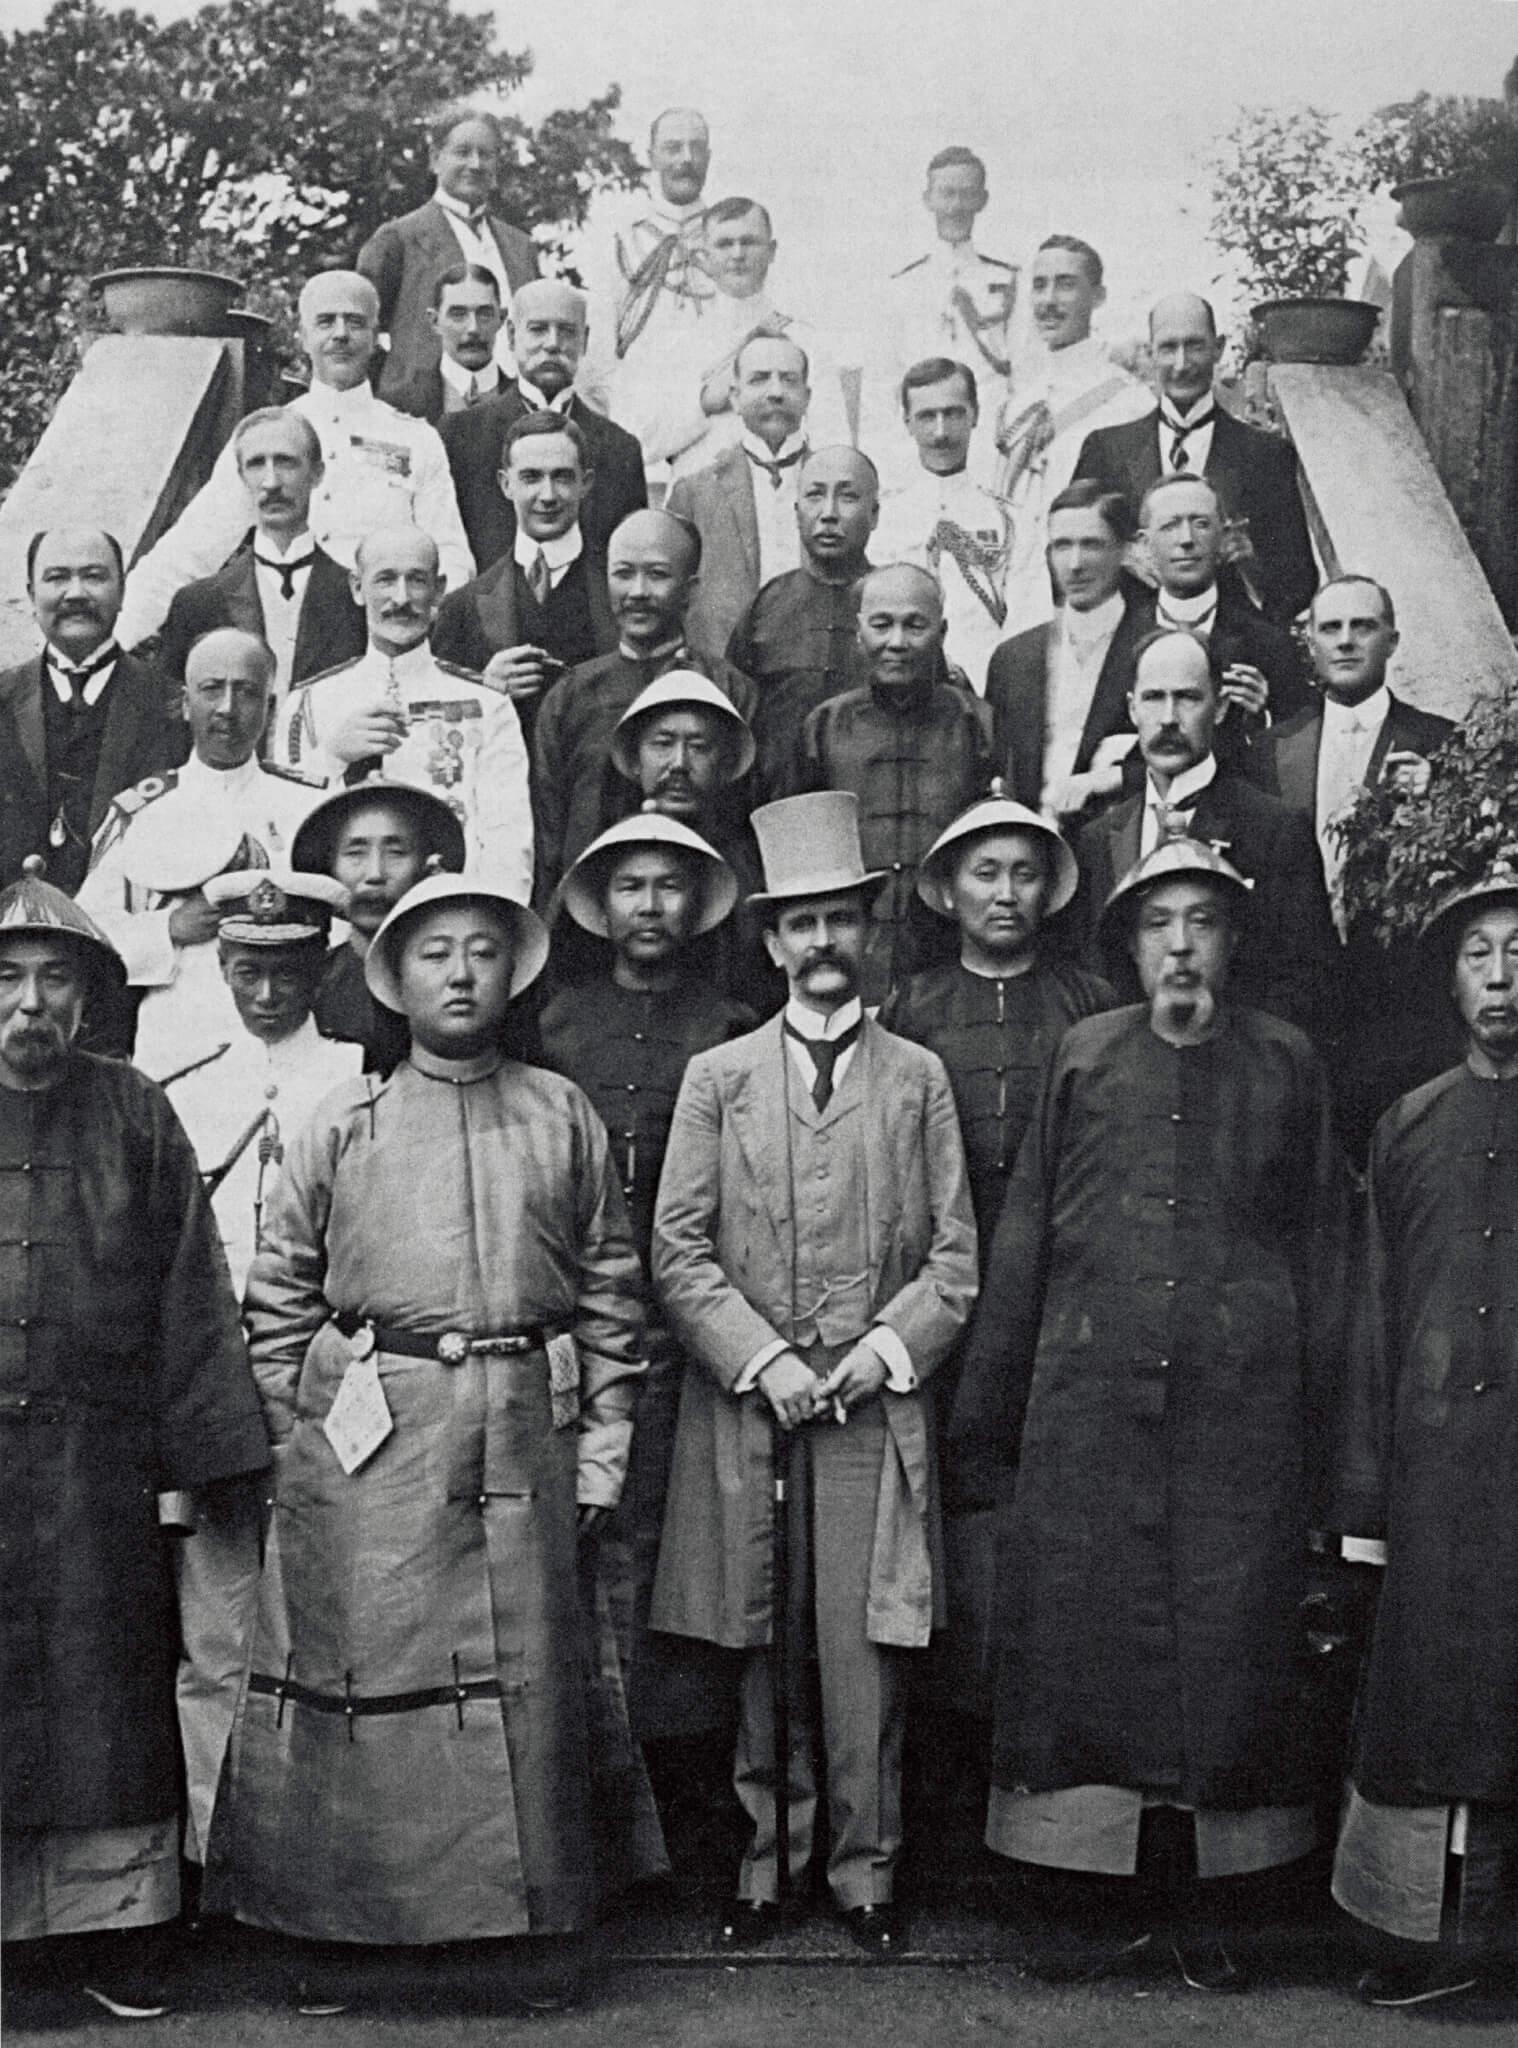 盧吉港督在任期間,少數華人憑藉經濟上的成功, 成為社會中上階層,能與政府內的官員往來。前排中間為盧吉港督。(圖片來自《The University of Hong Kong:an informal history》)